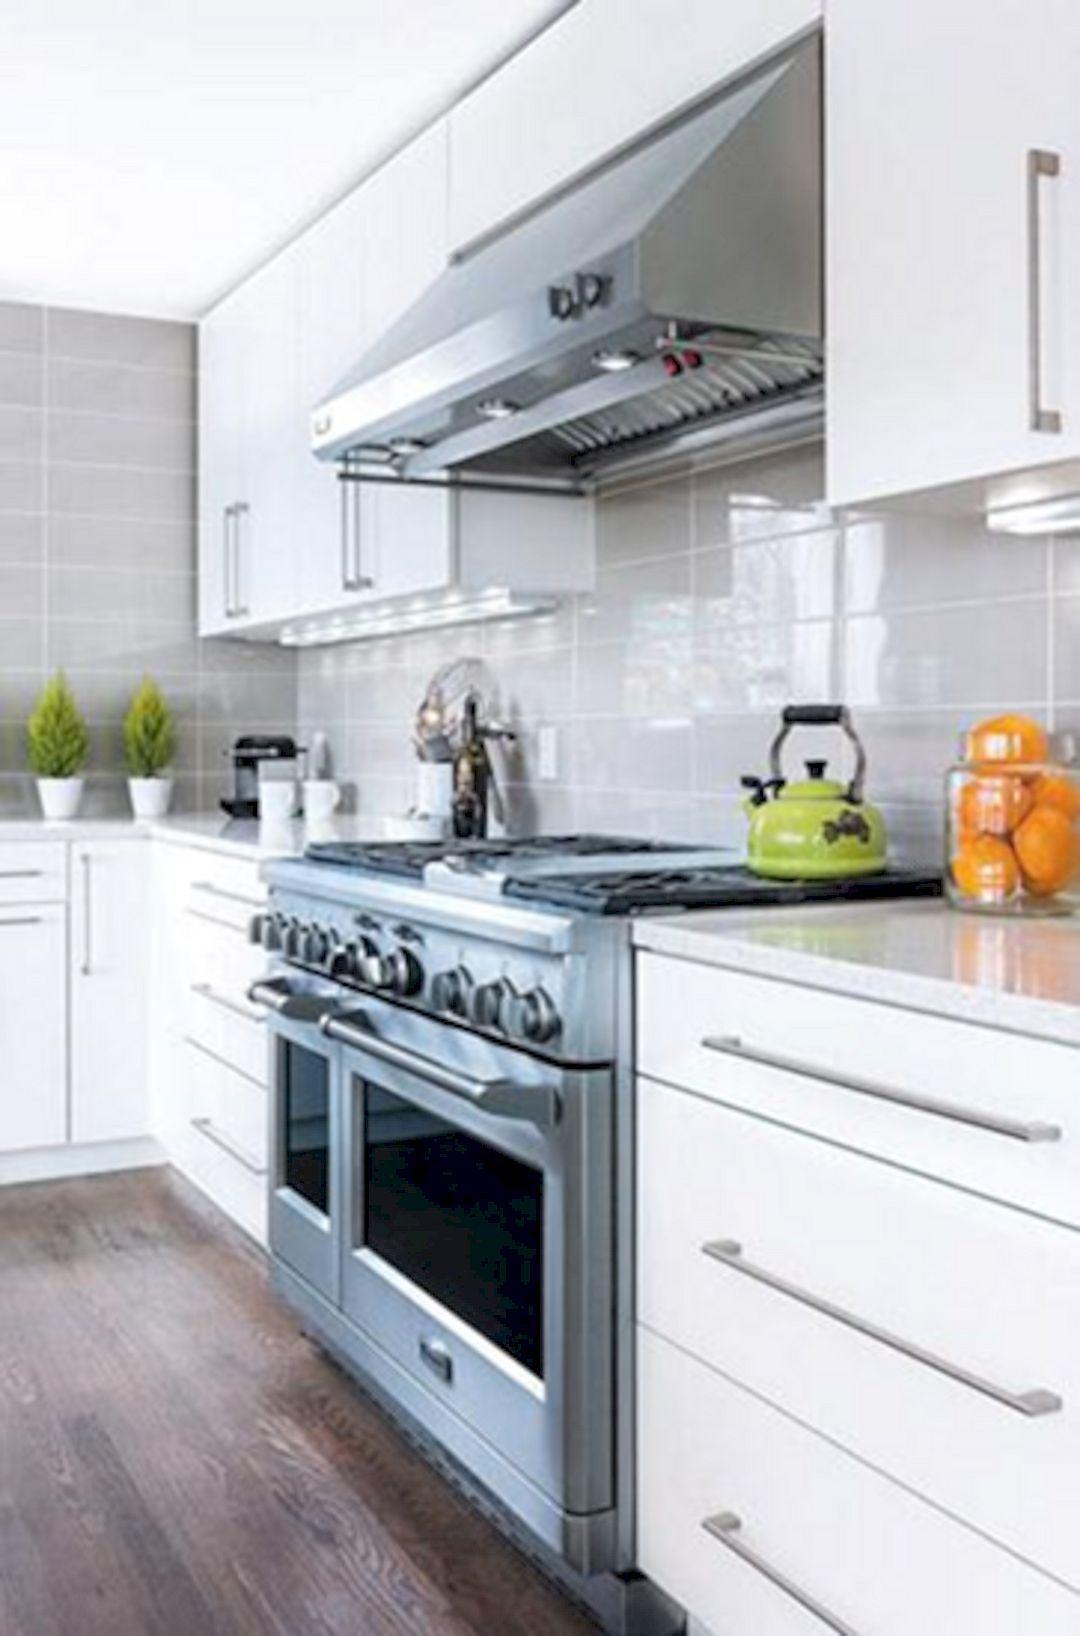 Stylish Modern Kitchen Cabinet: 127 Design Ideas  Https://www.futuristarchitecture.com/20591 Modern Kitchen Cabinet.html